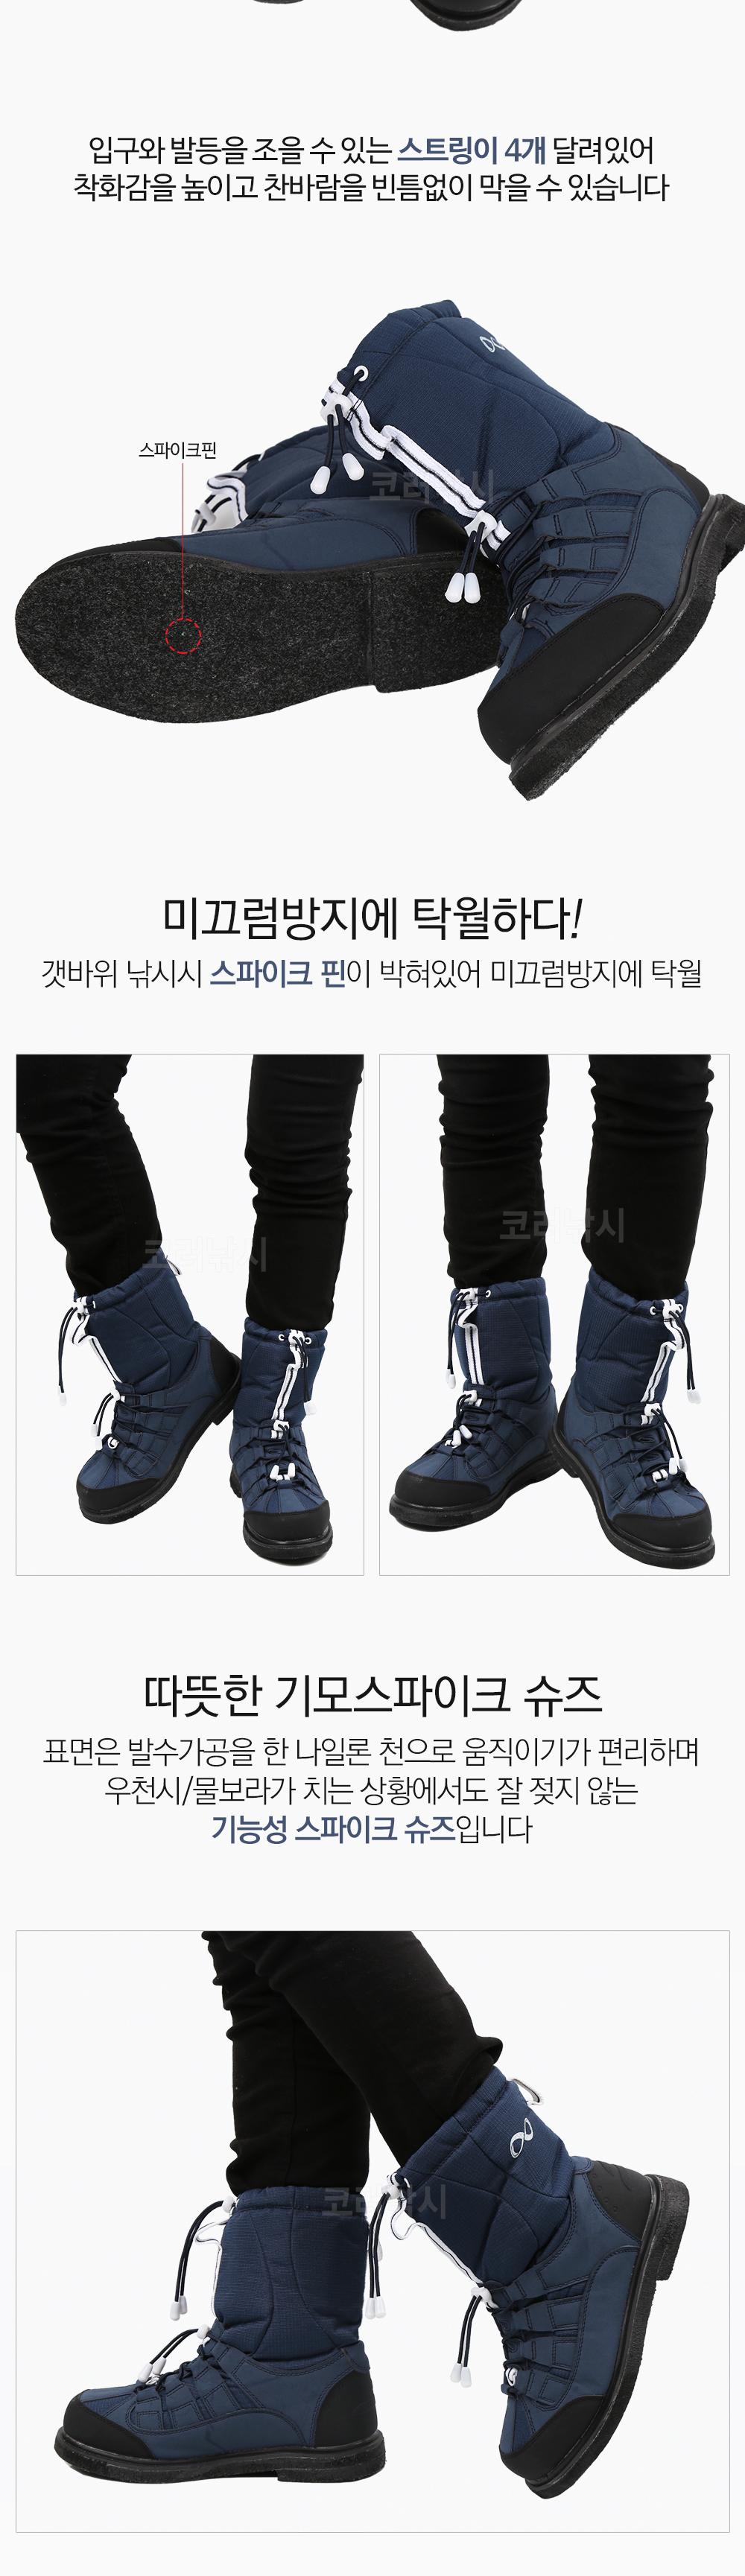 한신기지 방한 슈즈 롱 모델 FX-934  빙어 얼음낚시 빙어낚시 방한화 낚시장화 낚시신발 겨울낚시화 낚시단화 겨울신발